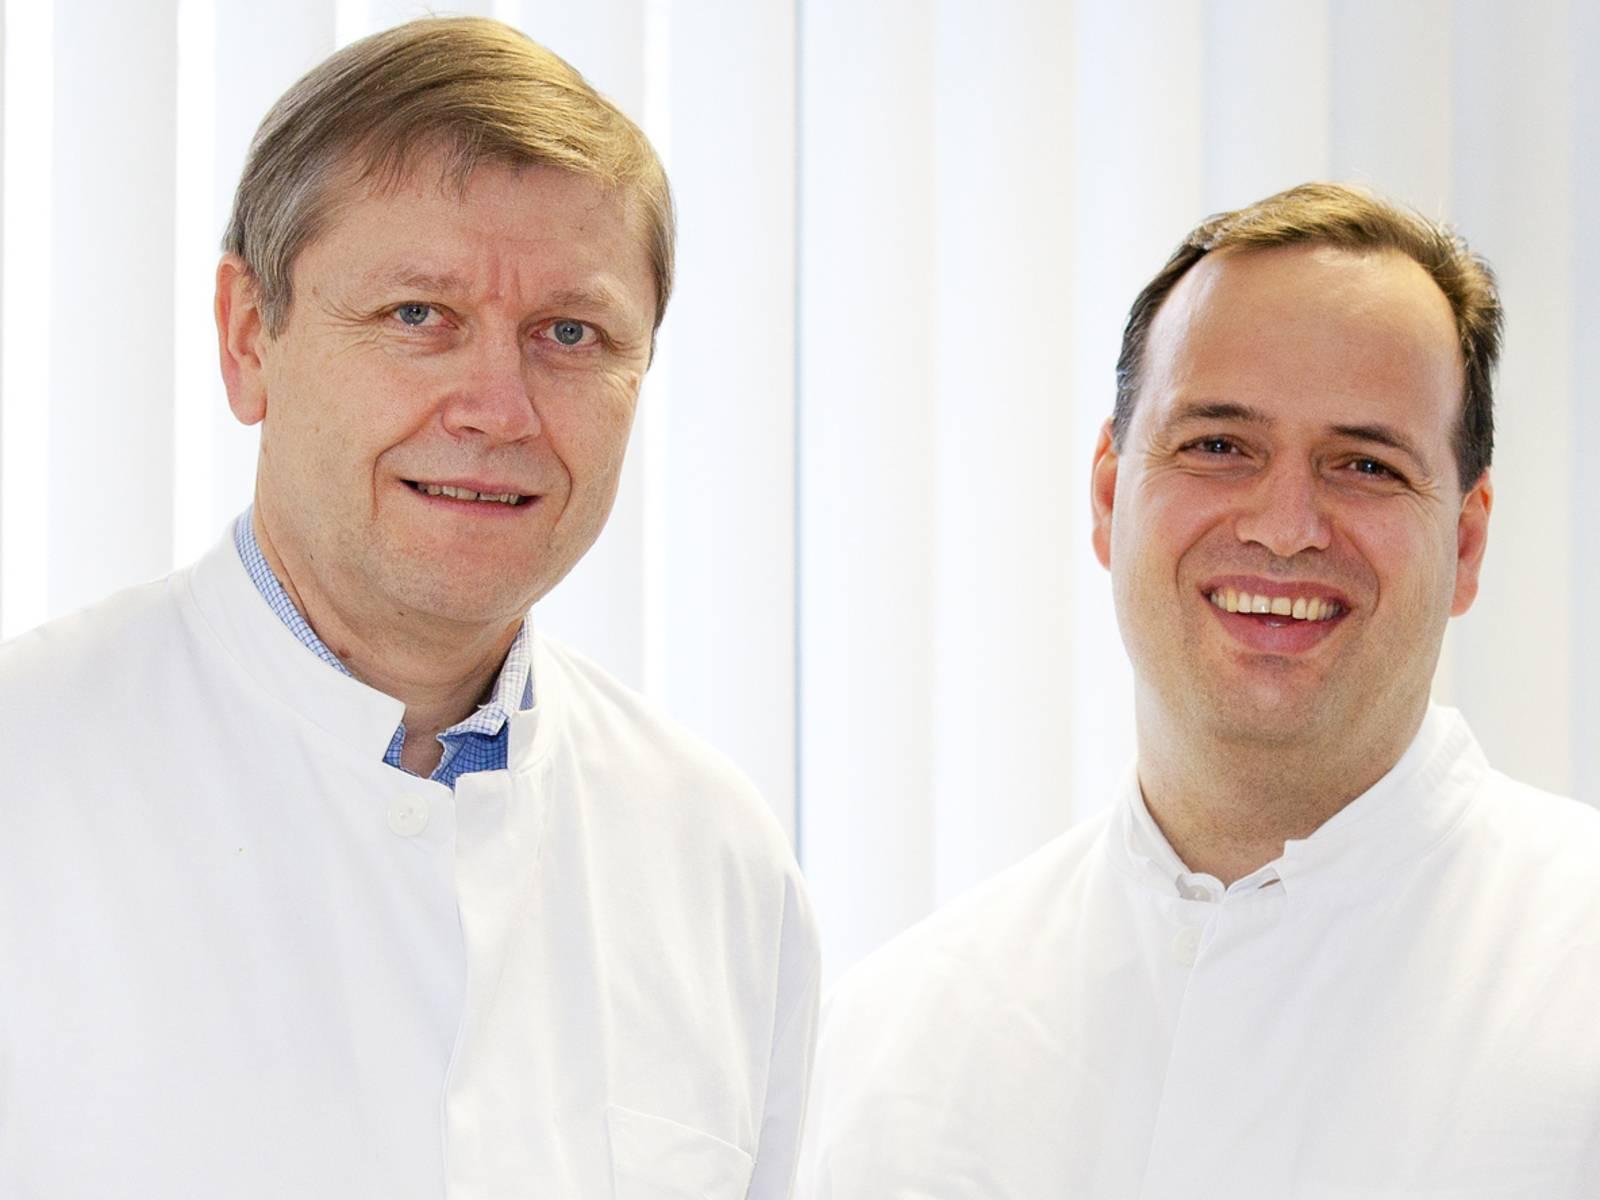 Zwei Männer in weißen Kitteln